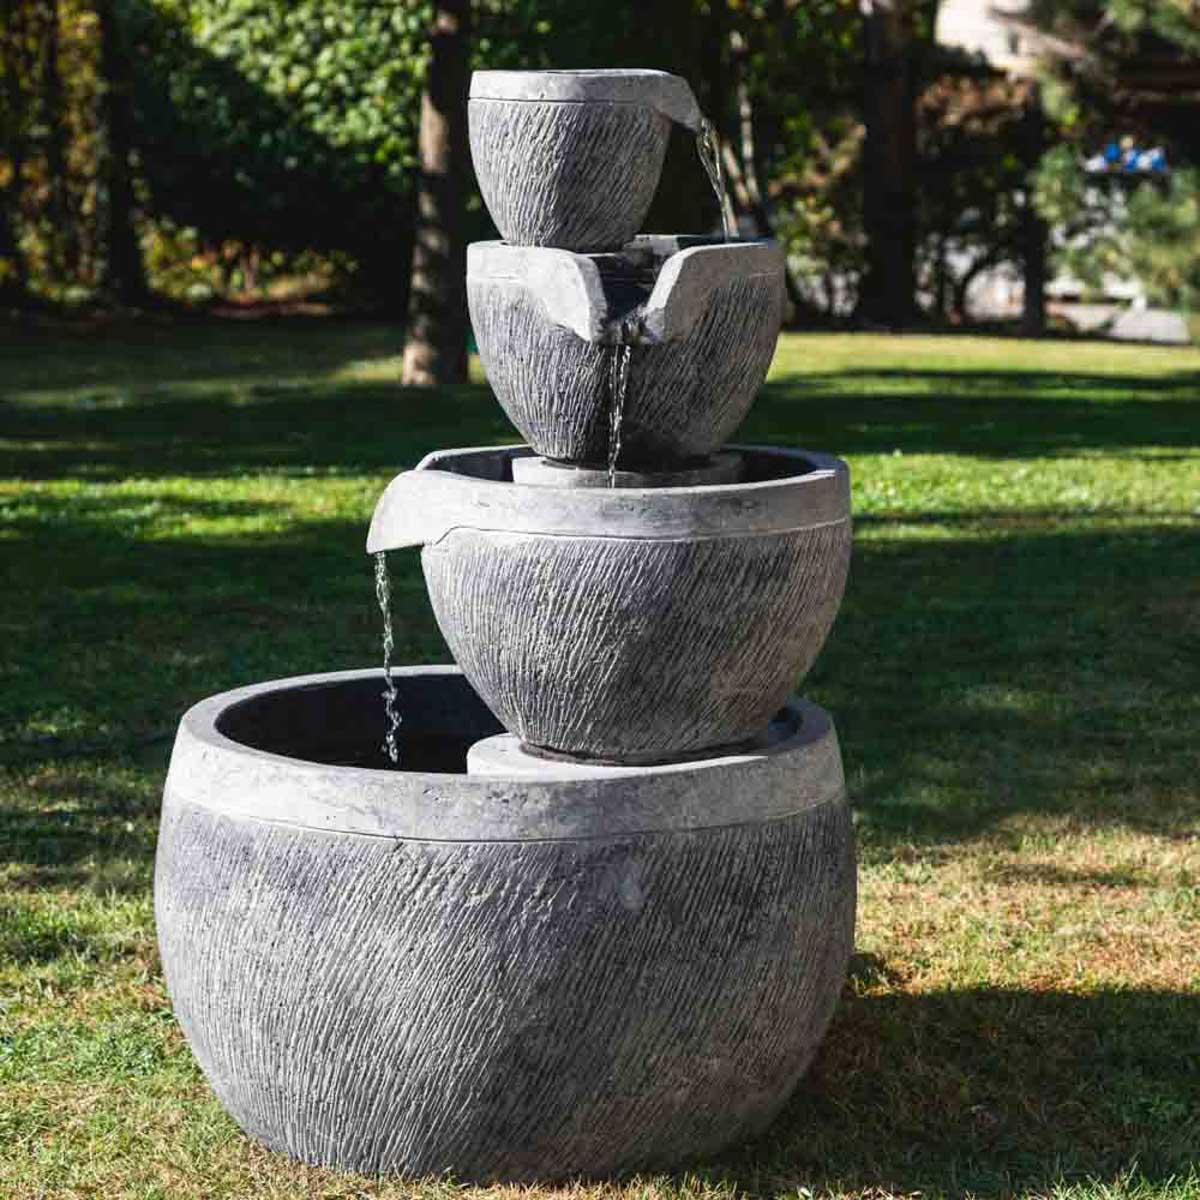 Fontaine de jardin bassin rond 1.10m 4 coupes noire grise